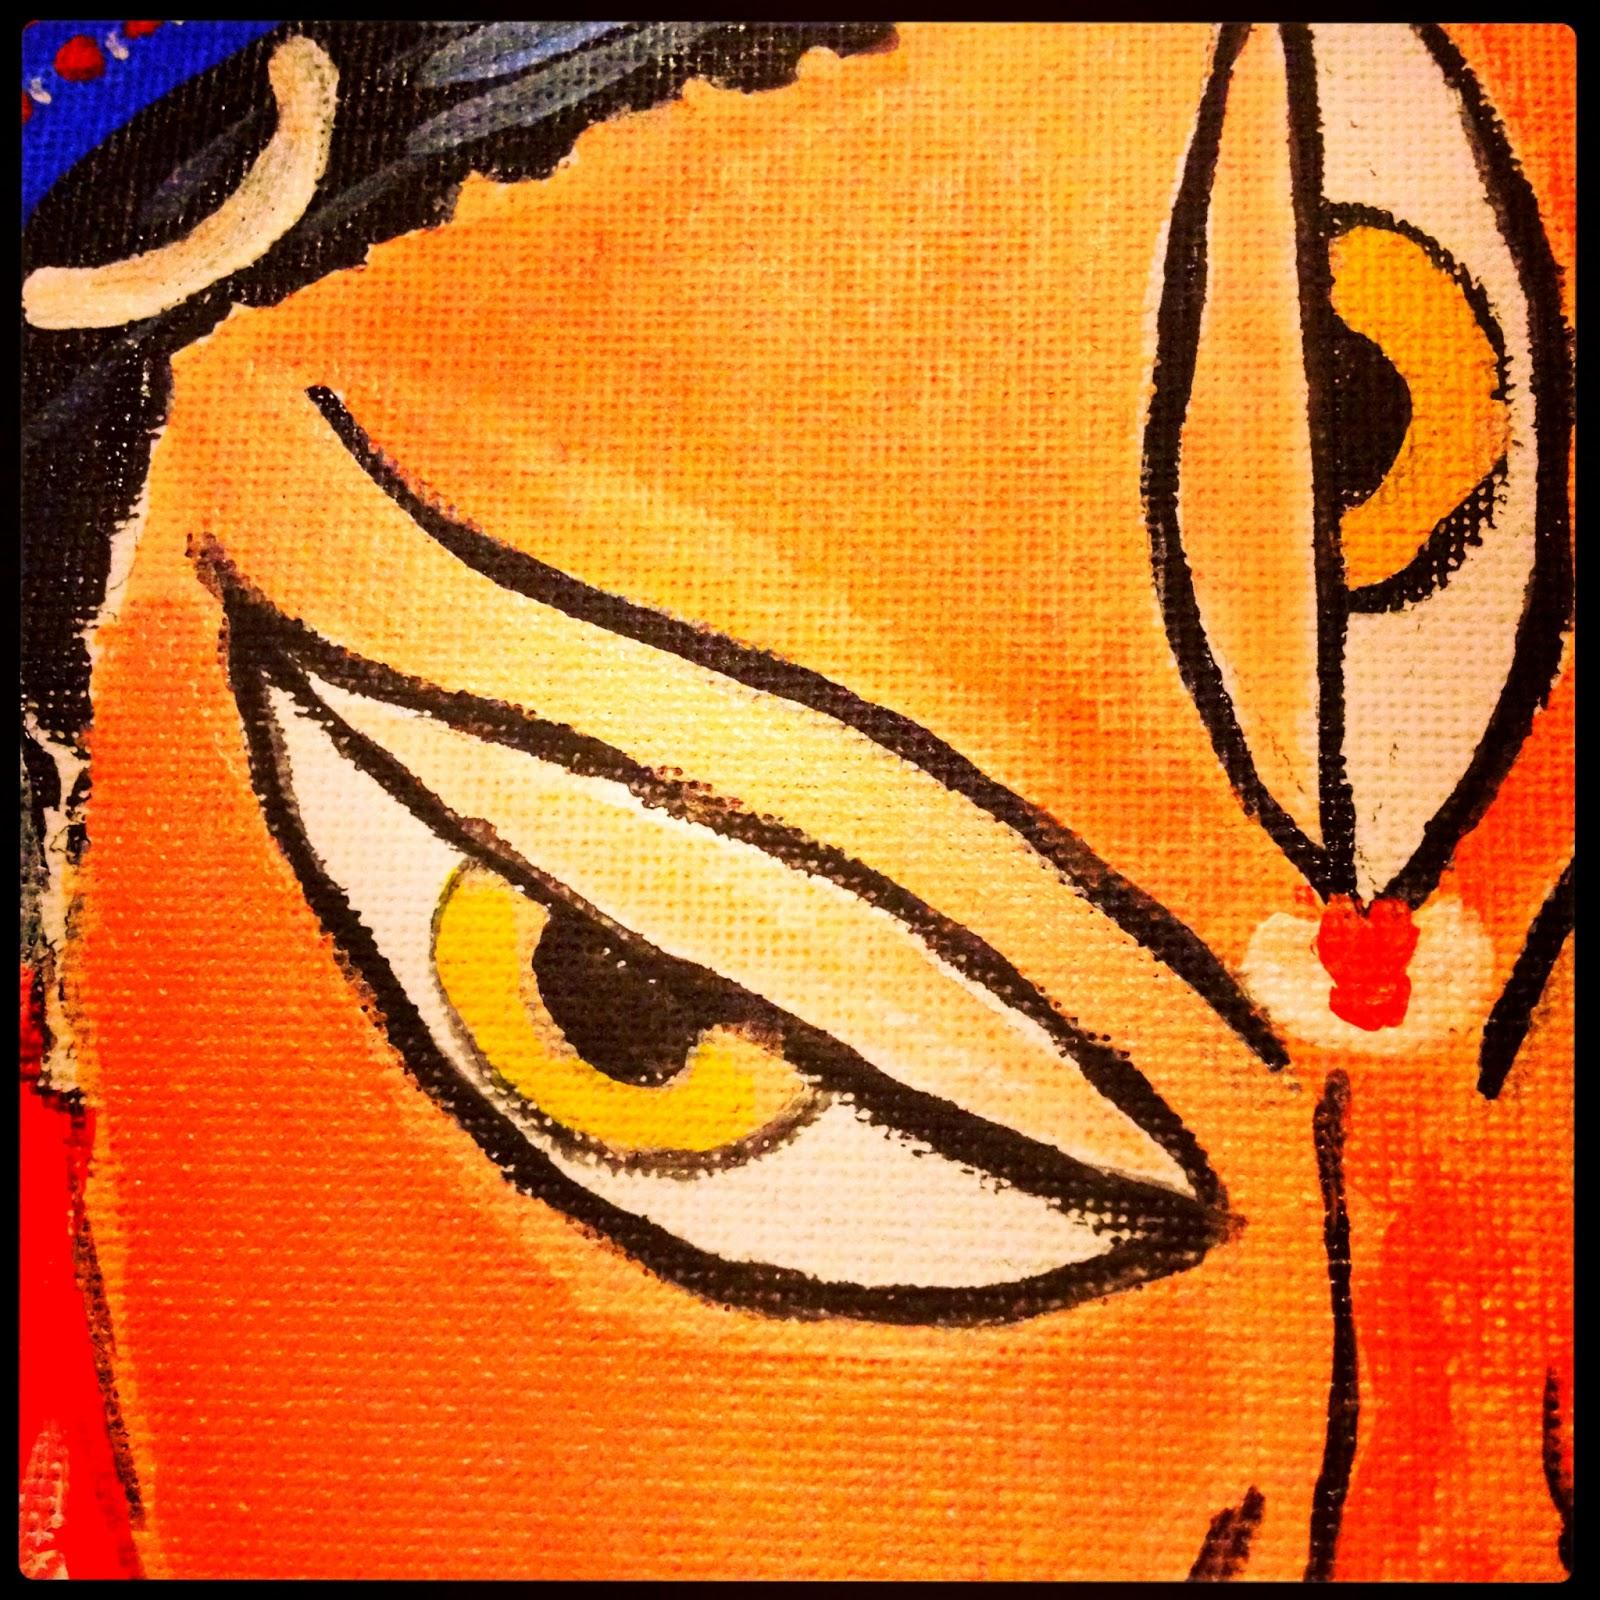 ক ছ জ ন ক ছ অজ ন Kichu Jaana Kichu